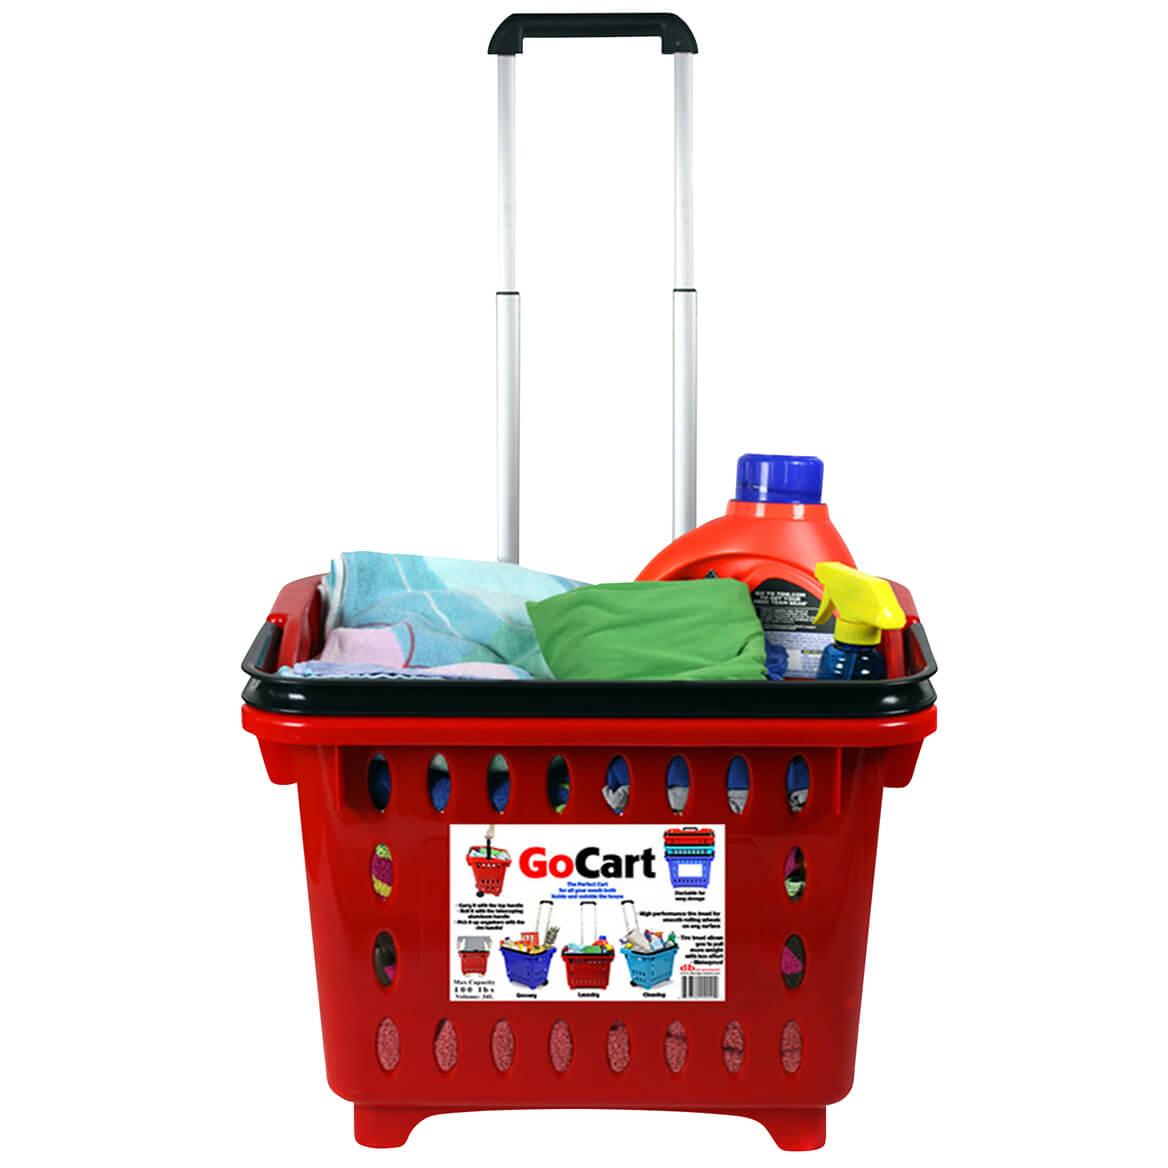 GoCart-364166